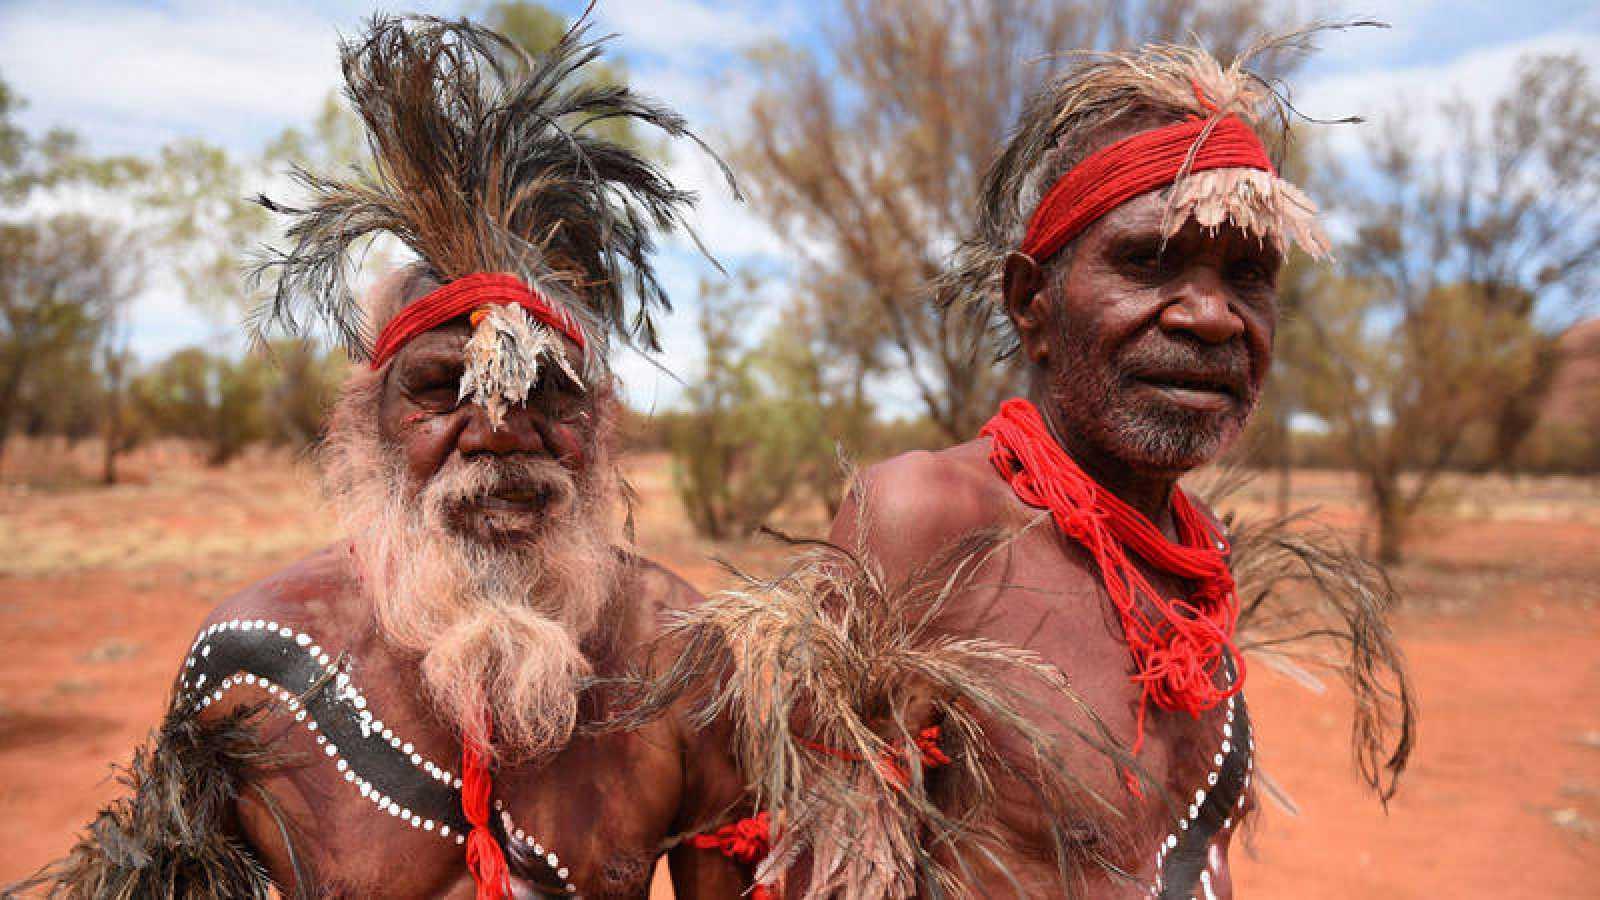 Imagen de archivo de dos aborígenes australianos.